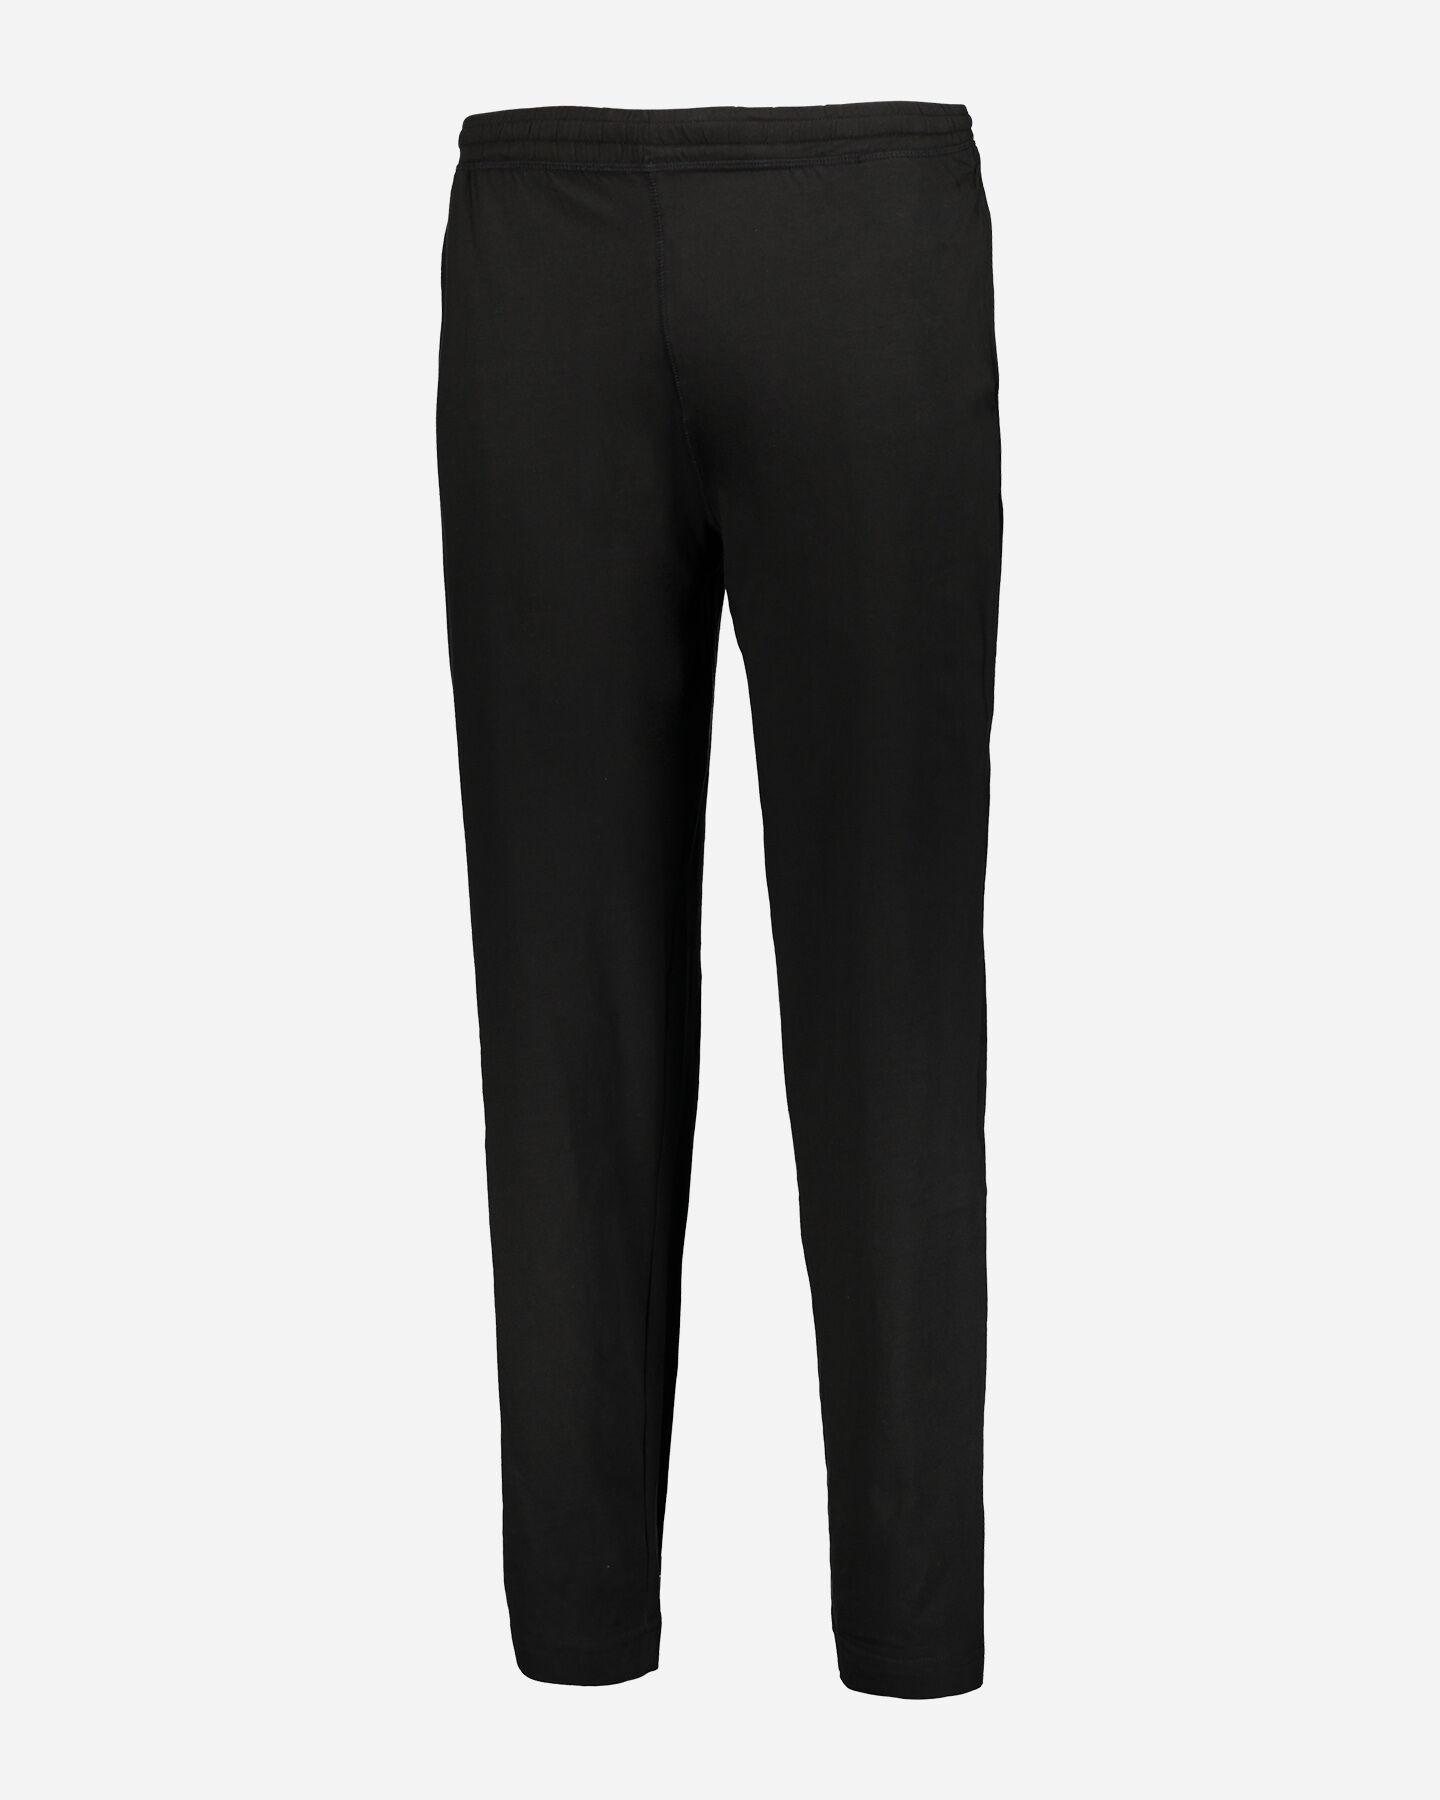 Pantalone ABC JERSEY DRITTO M S1298335 scatto 4